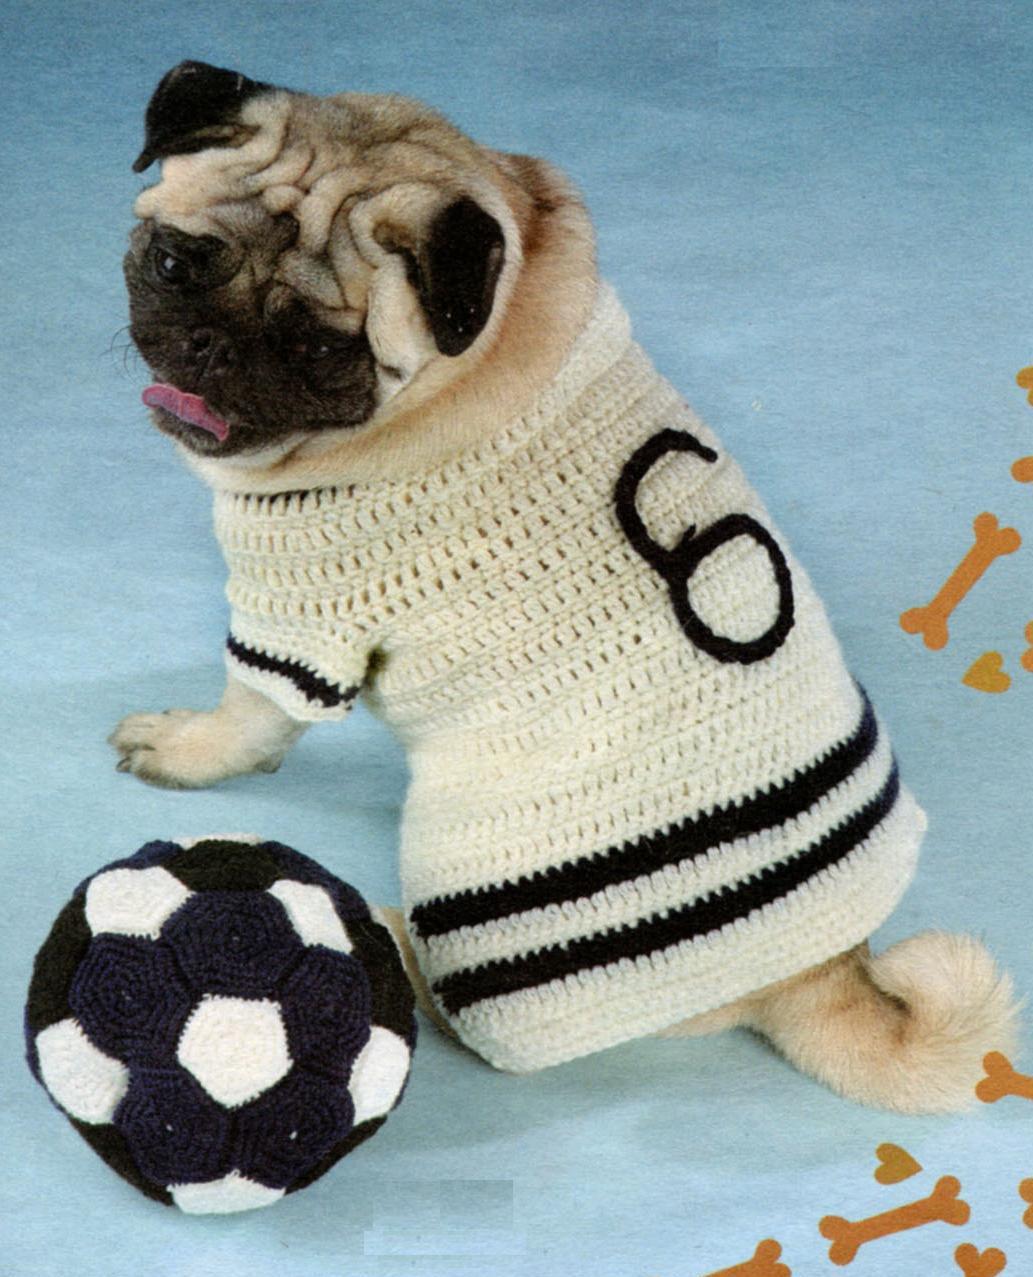 Кофточка и мячик для собаки вязаные крючком